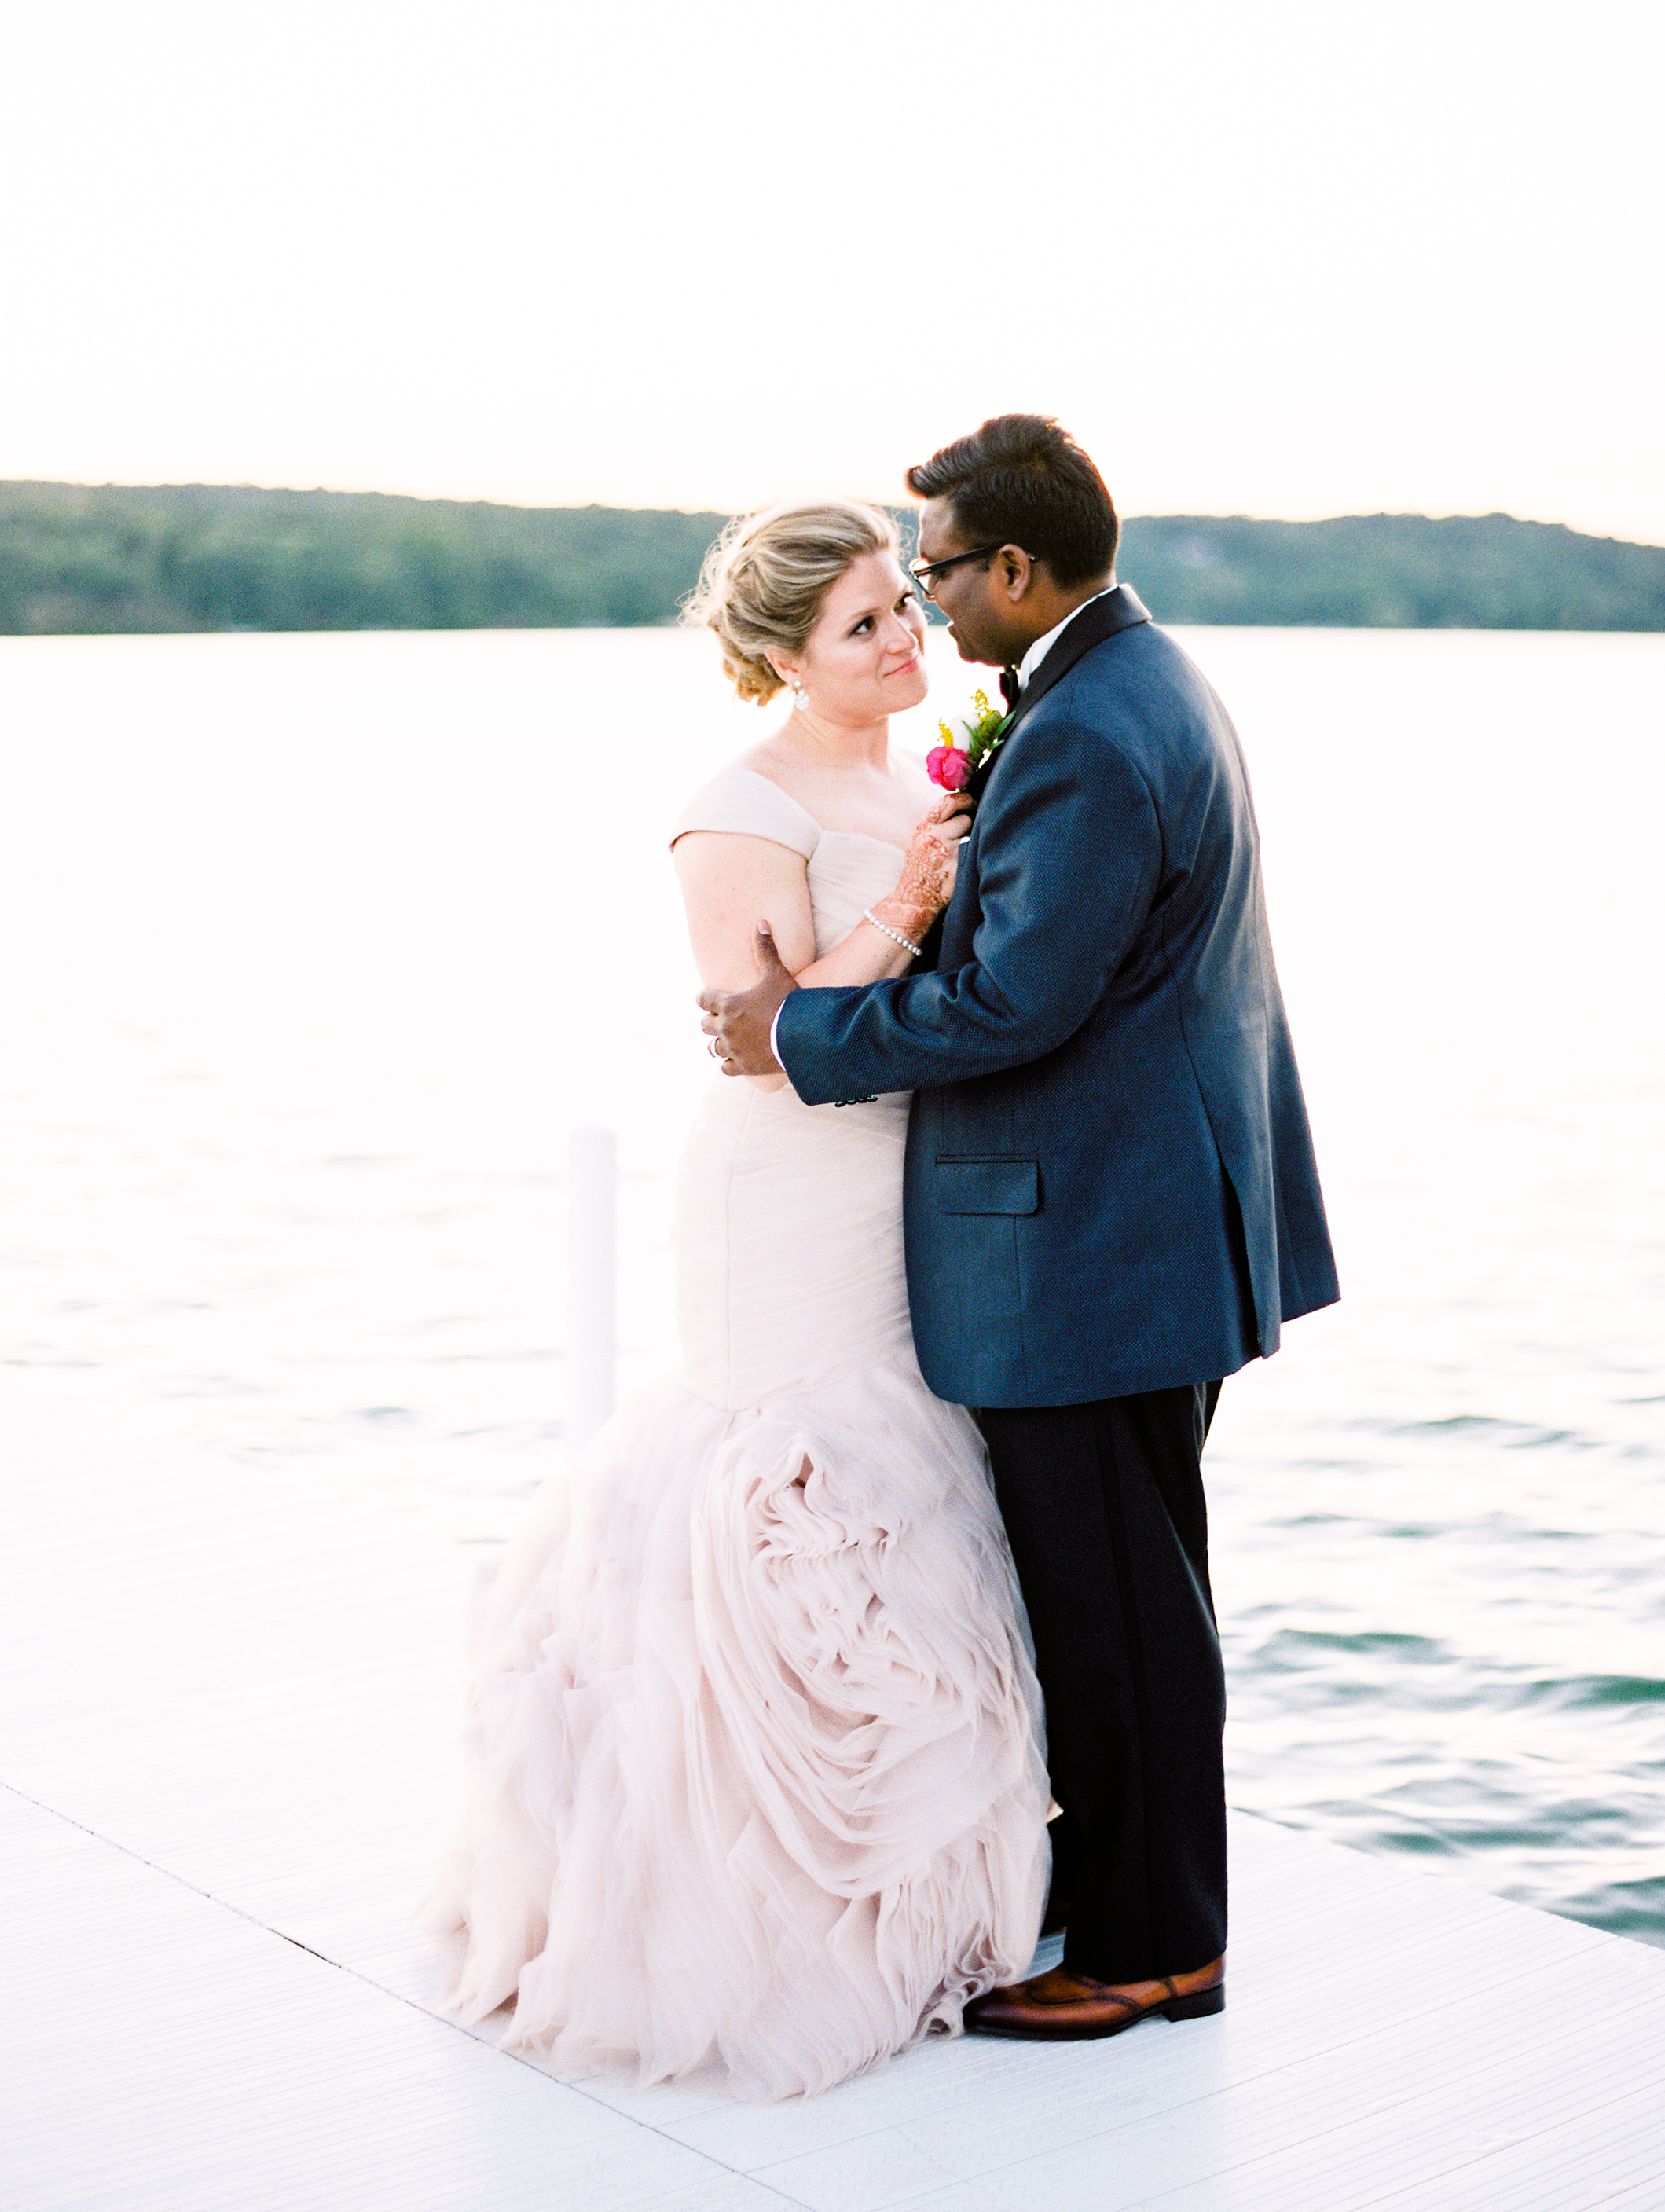 Govathoti+Wedding+Reception+BridalParty-61.jpg